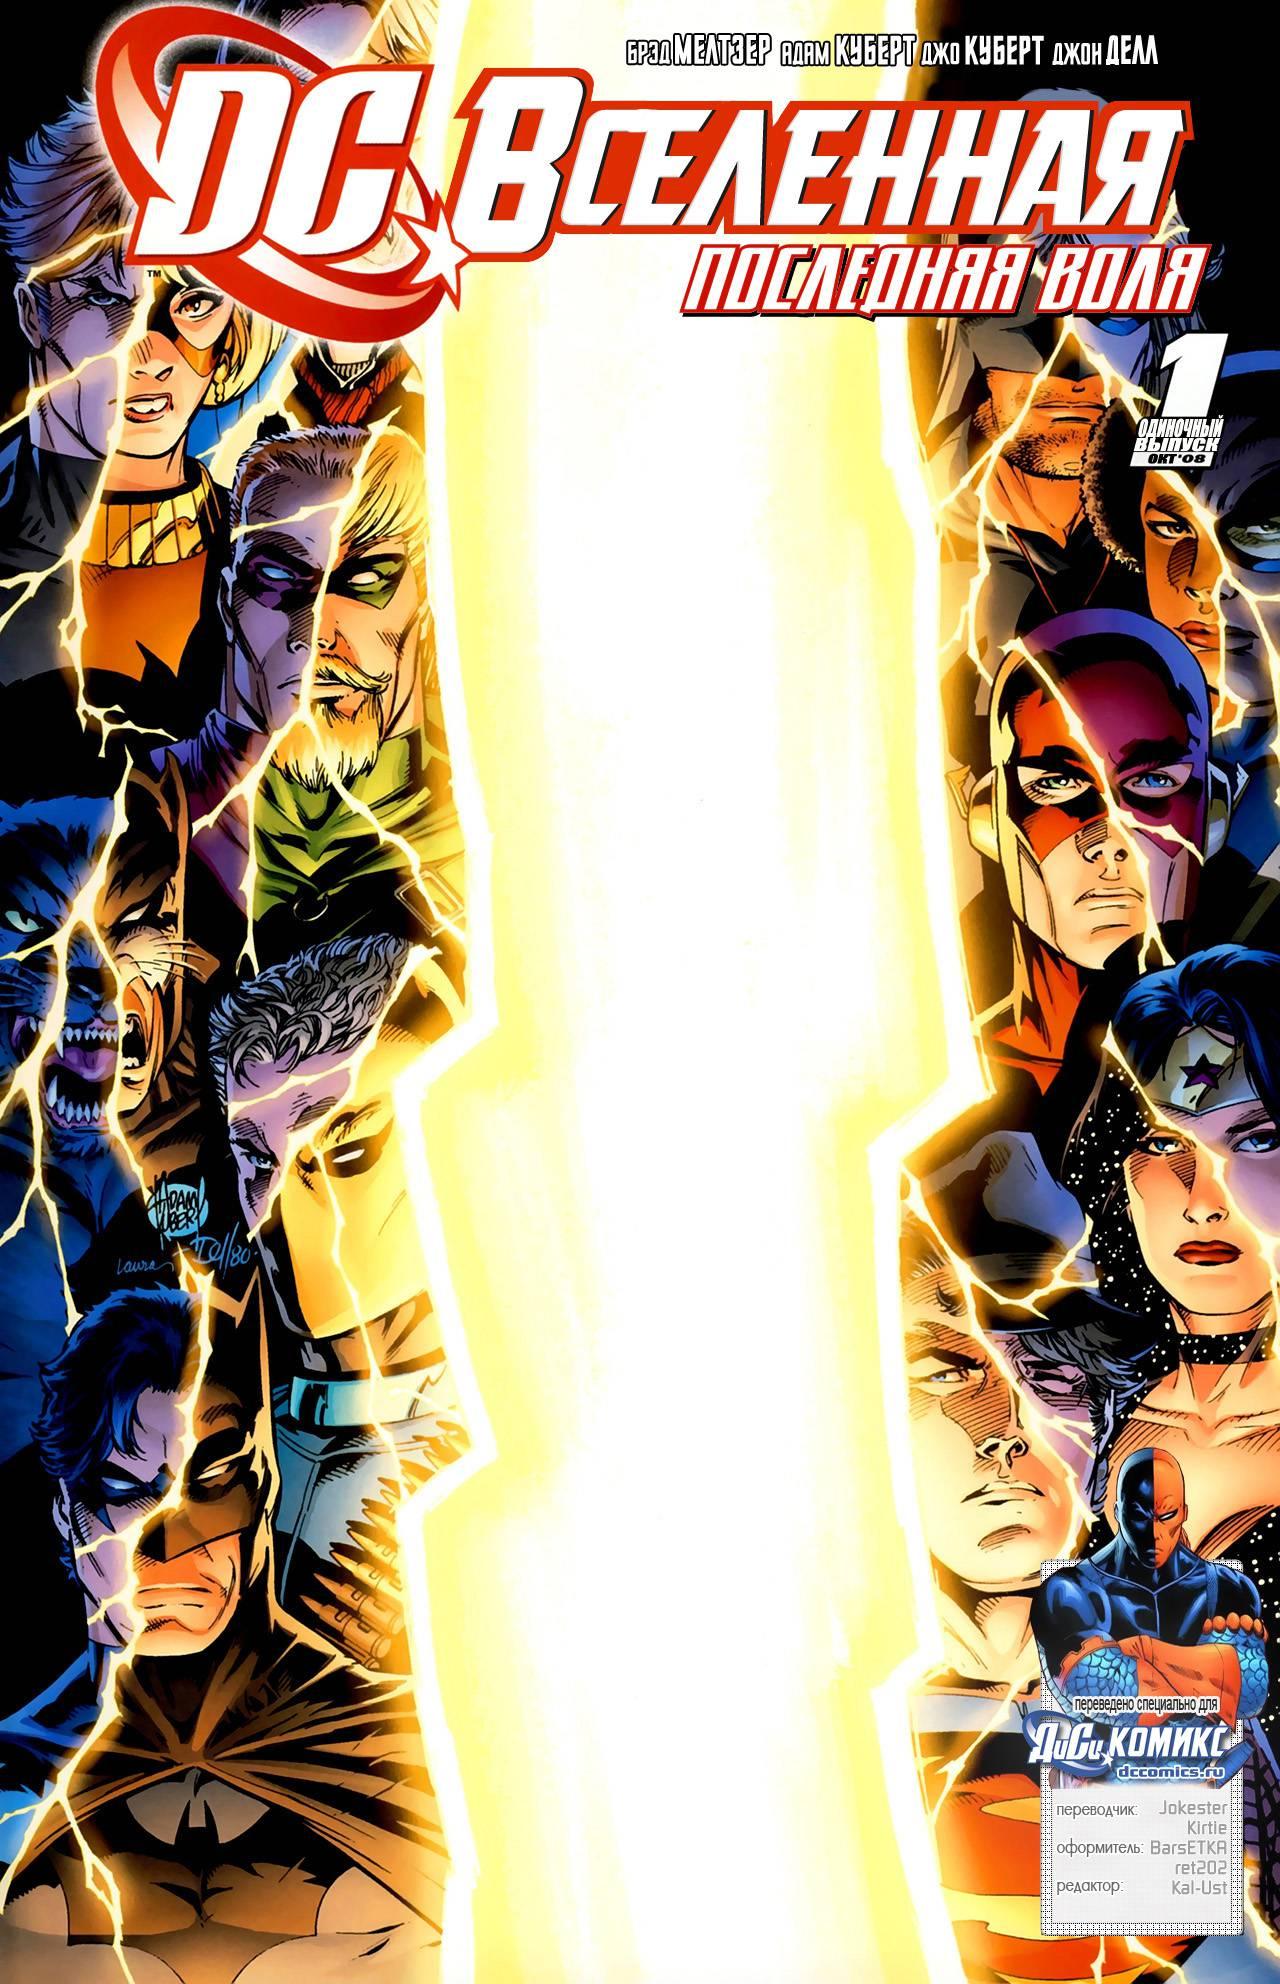 Вселенная DC: Последняя Воля и Завещание онлайн